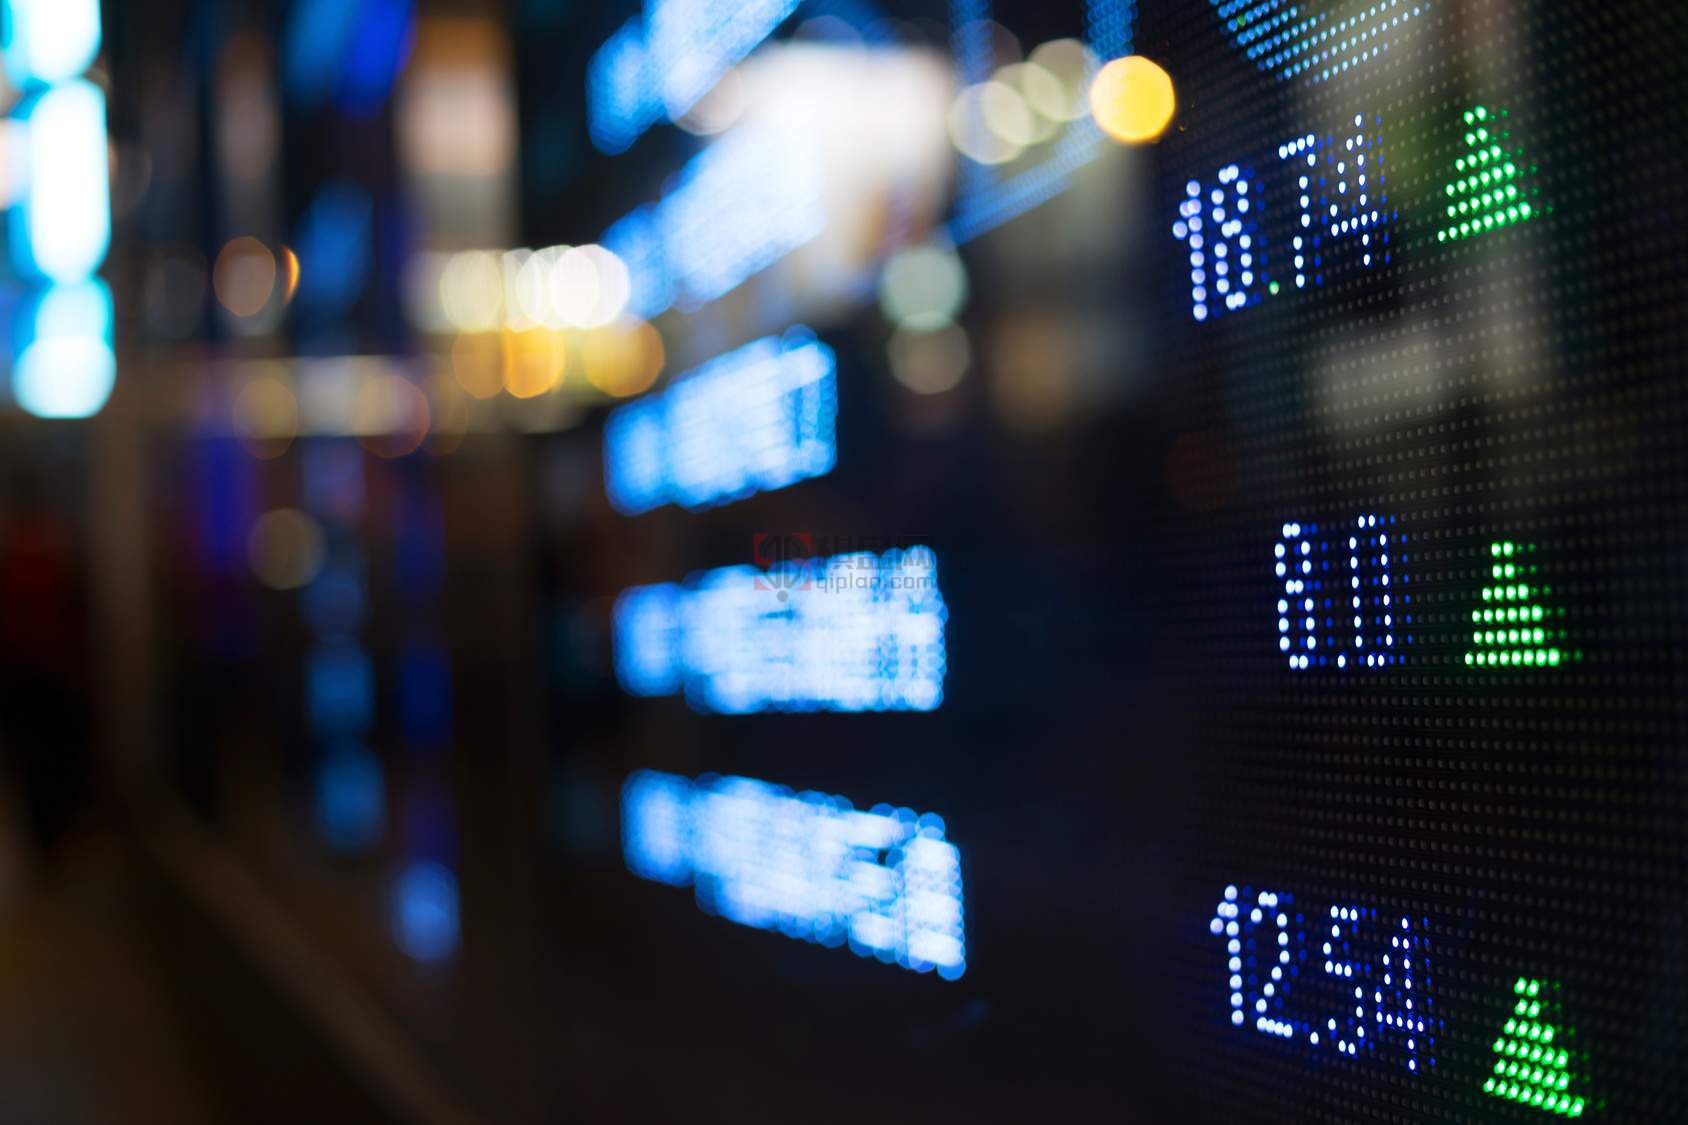 私募迈入13万亿大时代,十大趋势解读投资新机遇